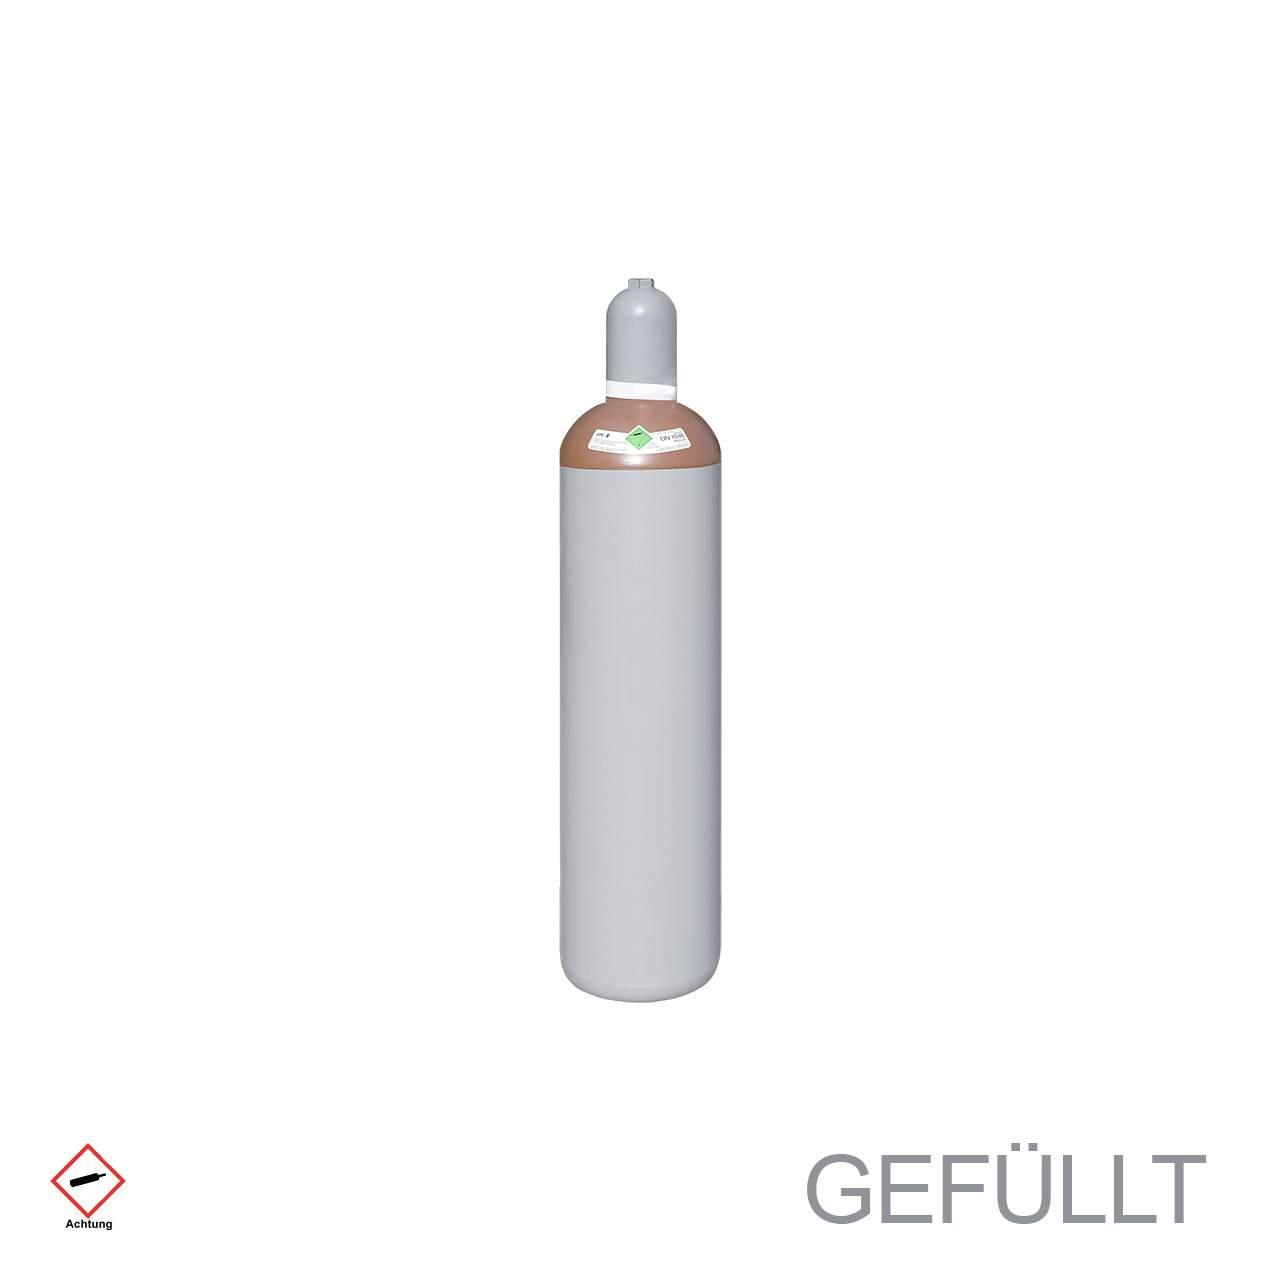 F Helium Ballongas Flasche 20 Liter gefuellt